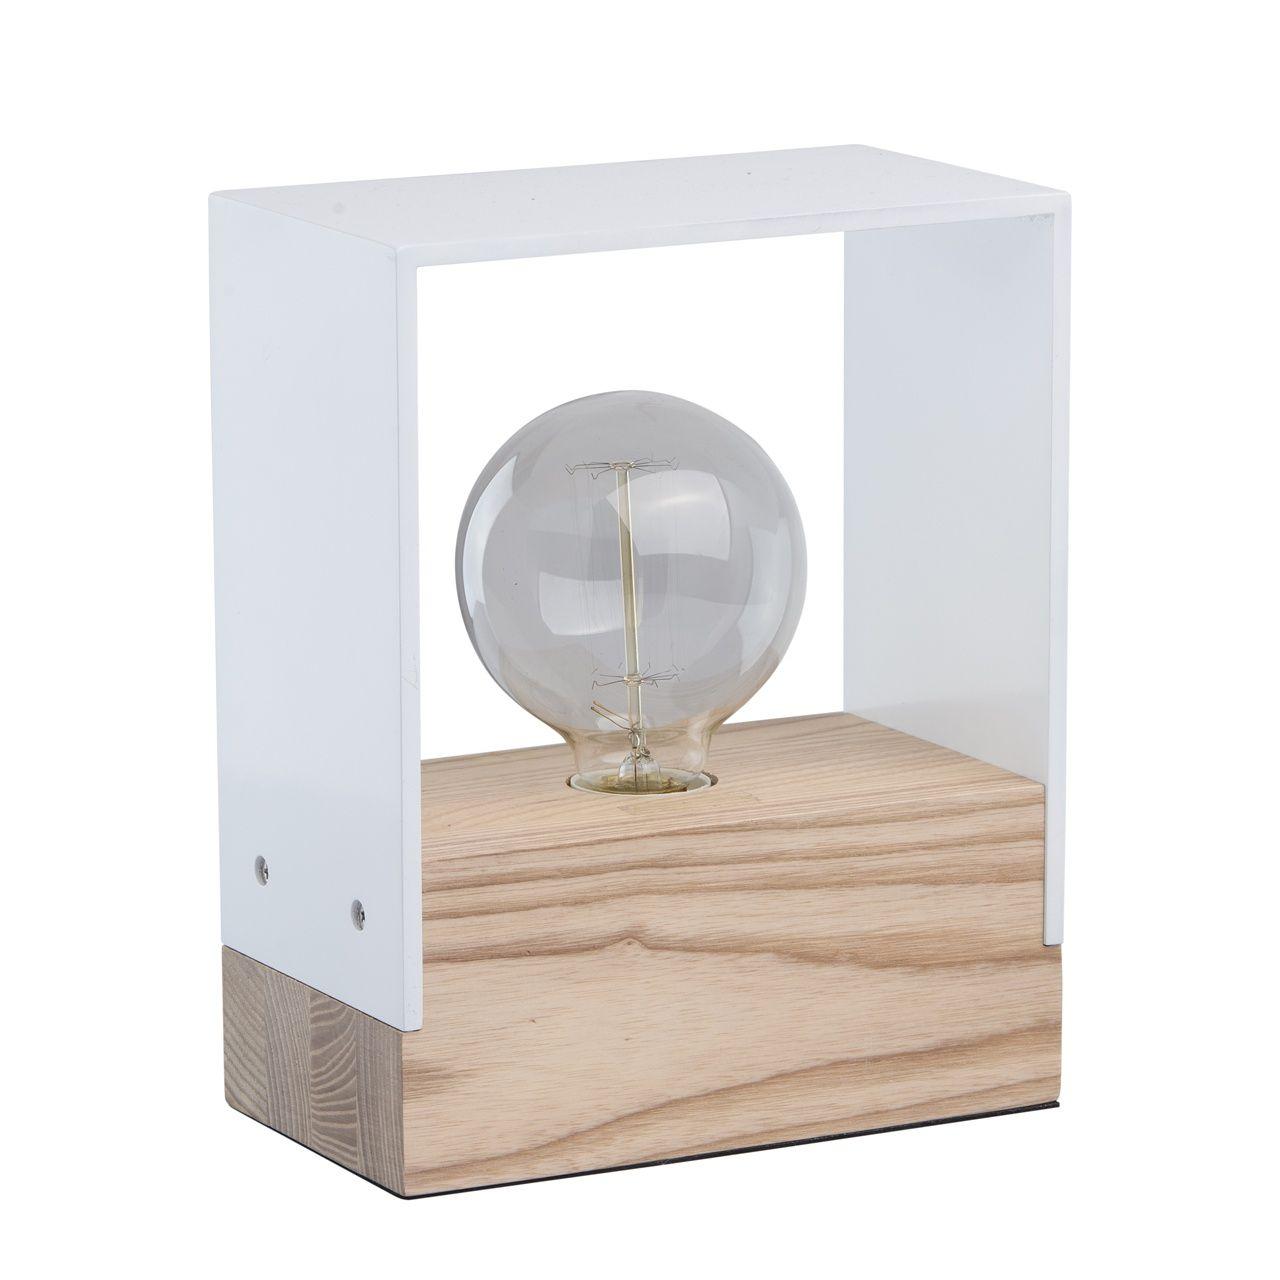 Moderne schlichte Holz Tischlampe 1 flammig Weiß